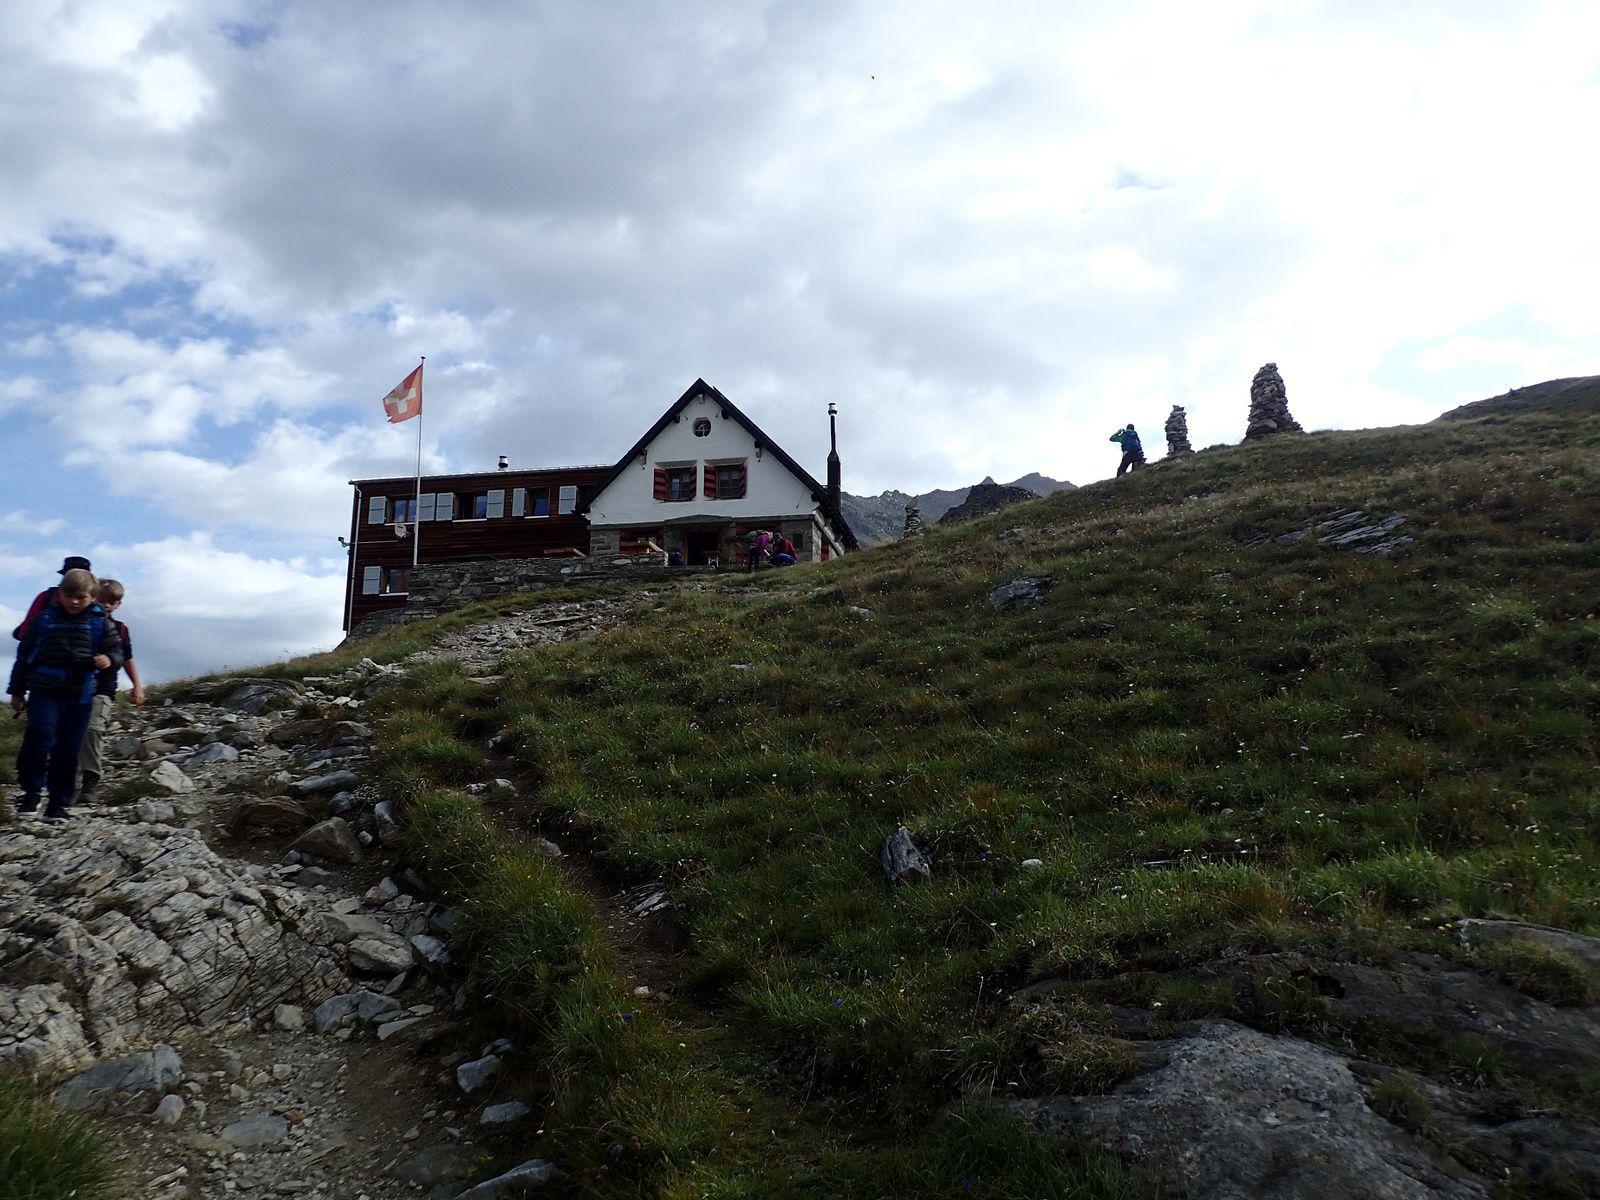 Ussers Barrhorn: Voie normale; versant Ouest et Arête Sud 1/2